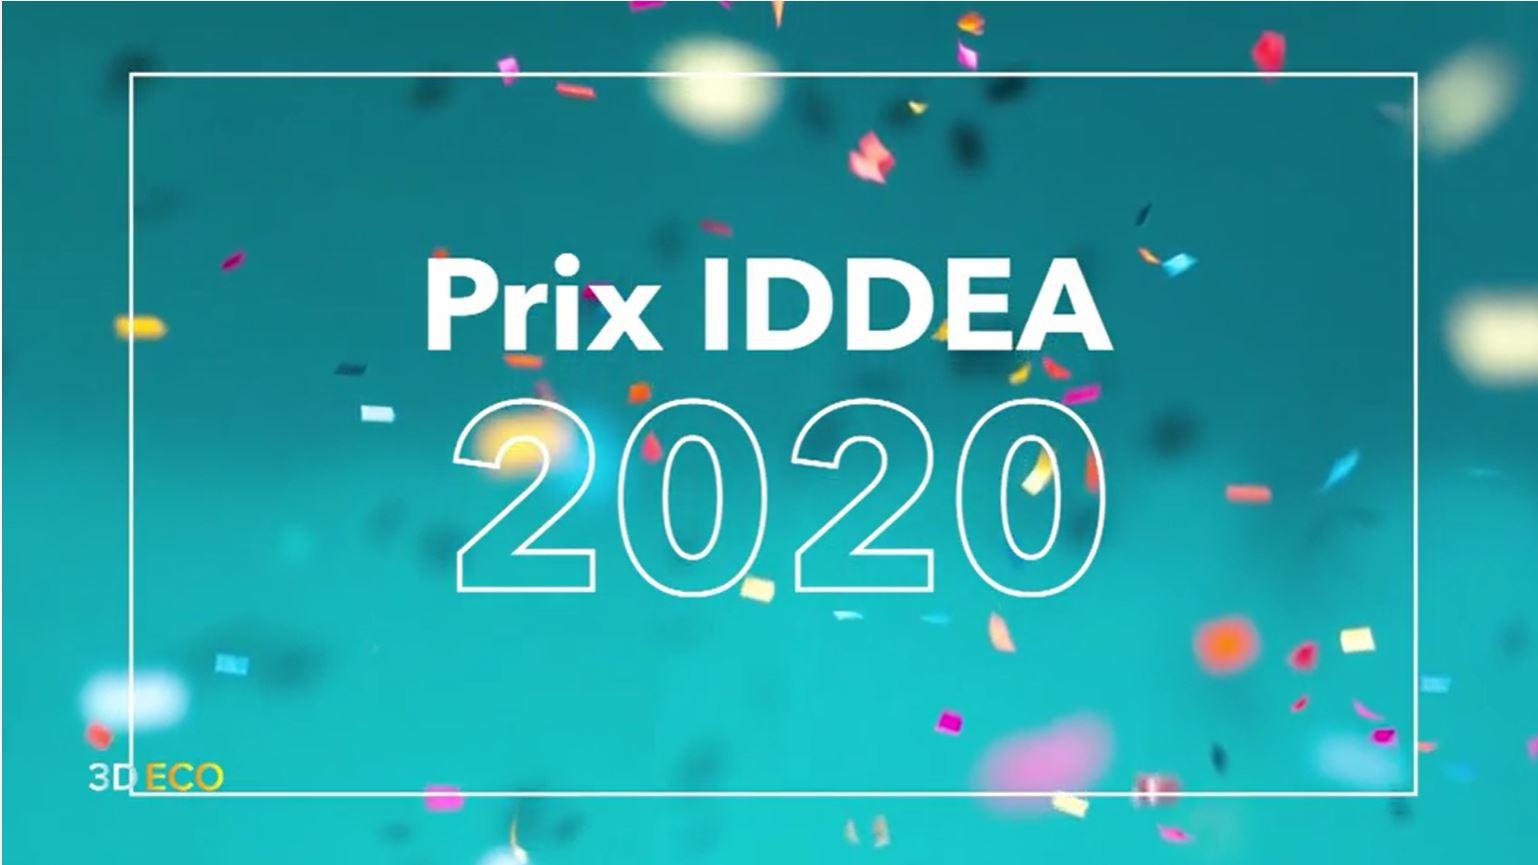 Prix IDDEA 2020